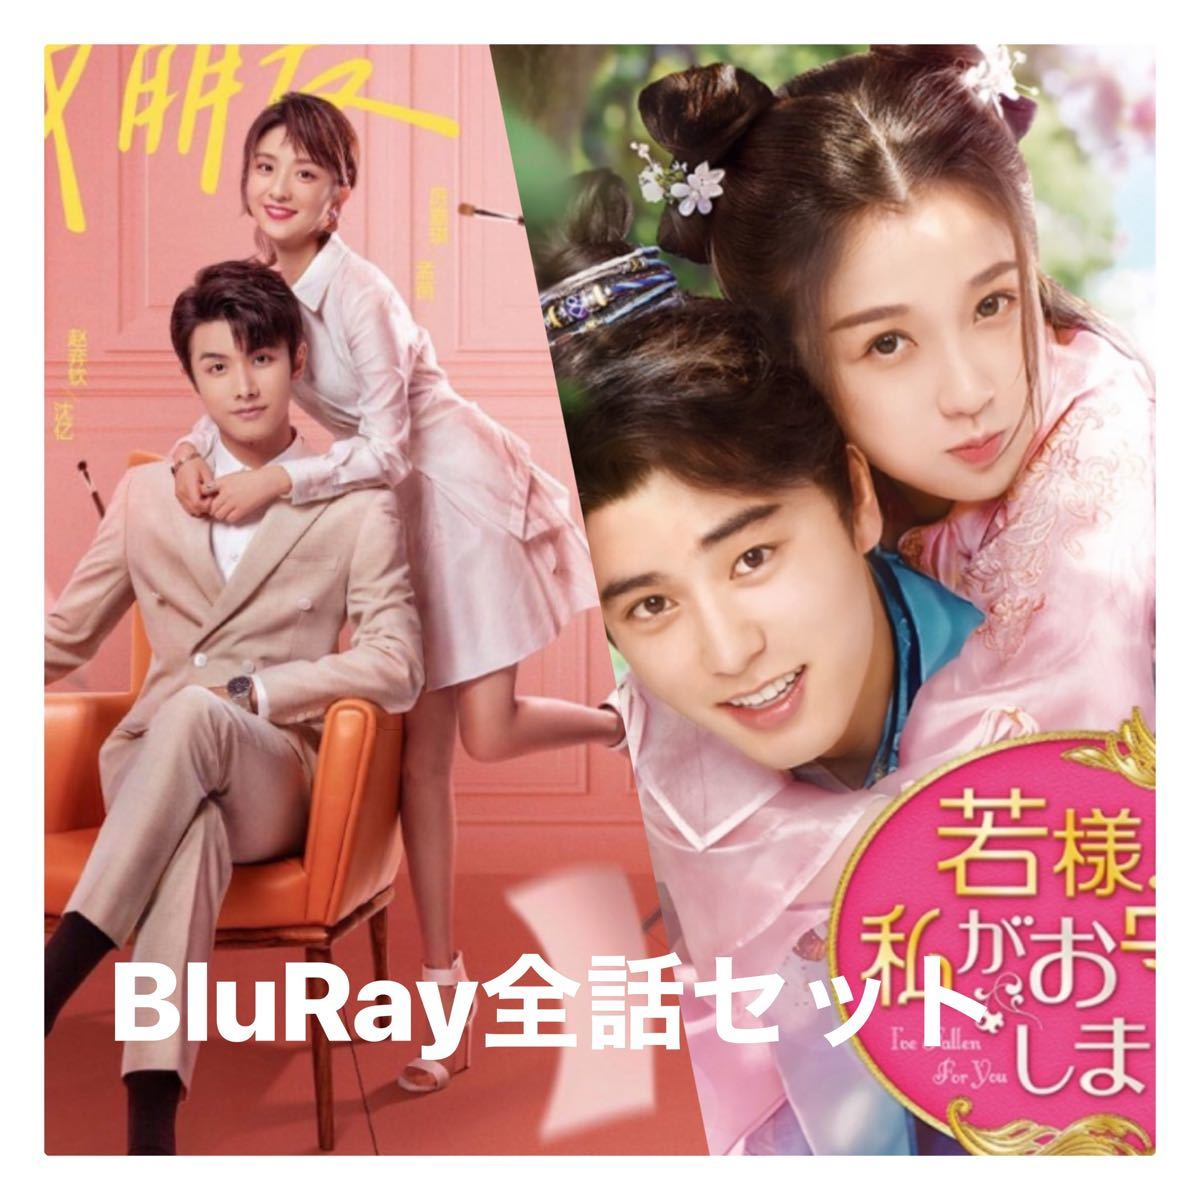 中国ドラマ 99%のカノジョ、若様!私がお守りしますセット BluRay全話